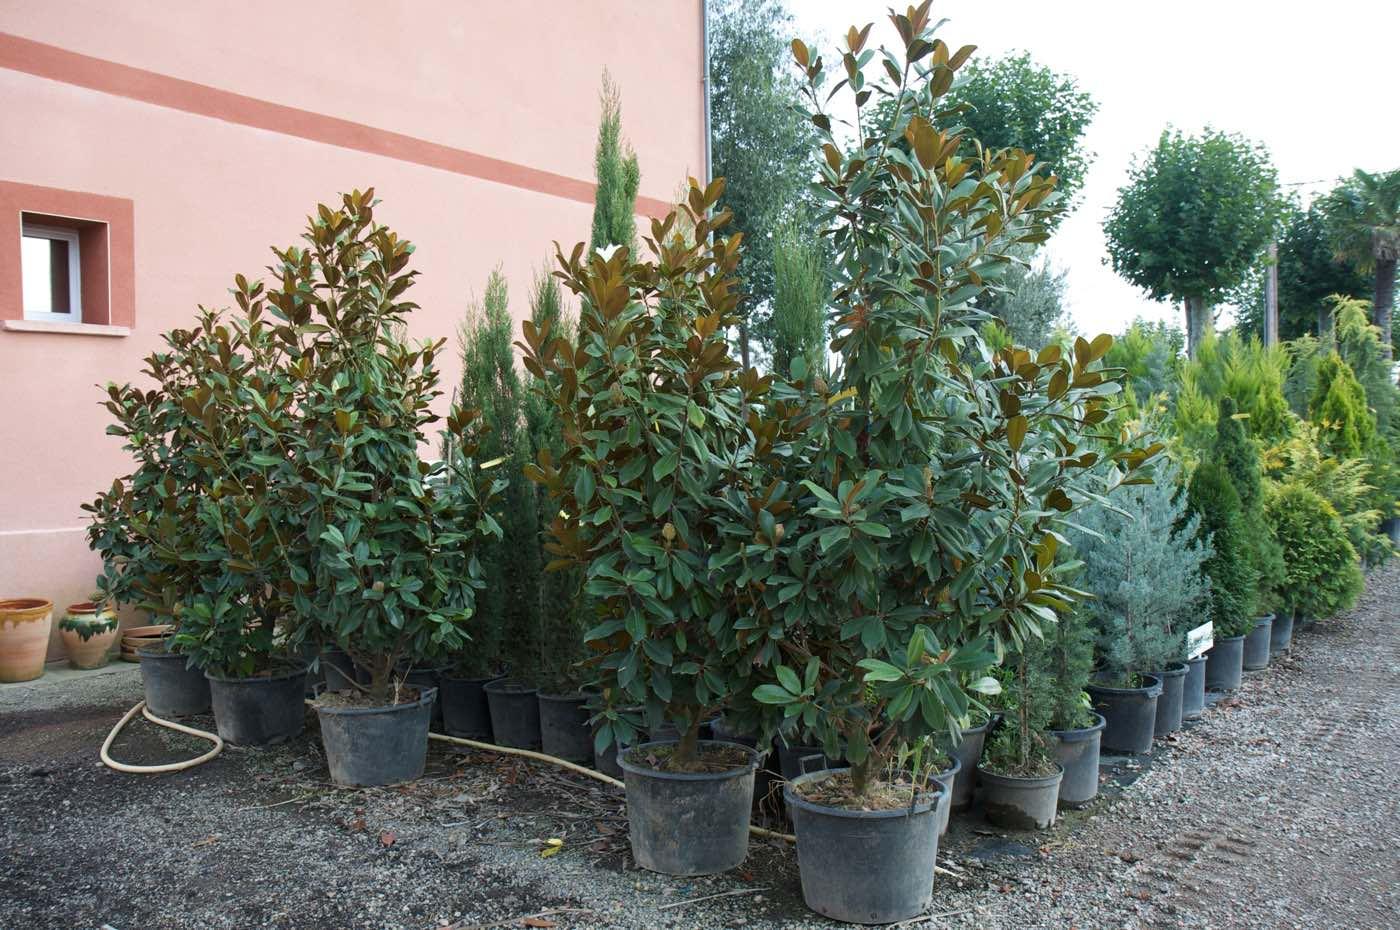 Vente de magnolia grandiflora ou tulipier - Pépinière de l'Aiguillon producteur Toulouse